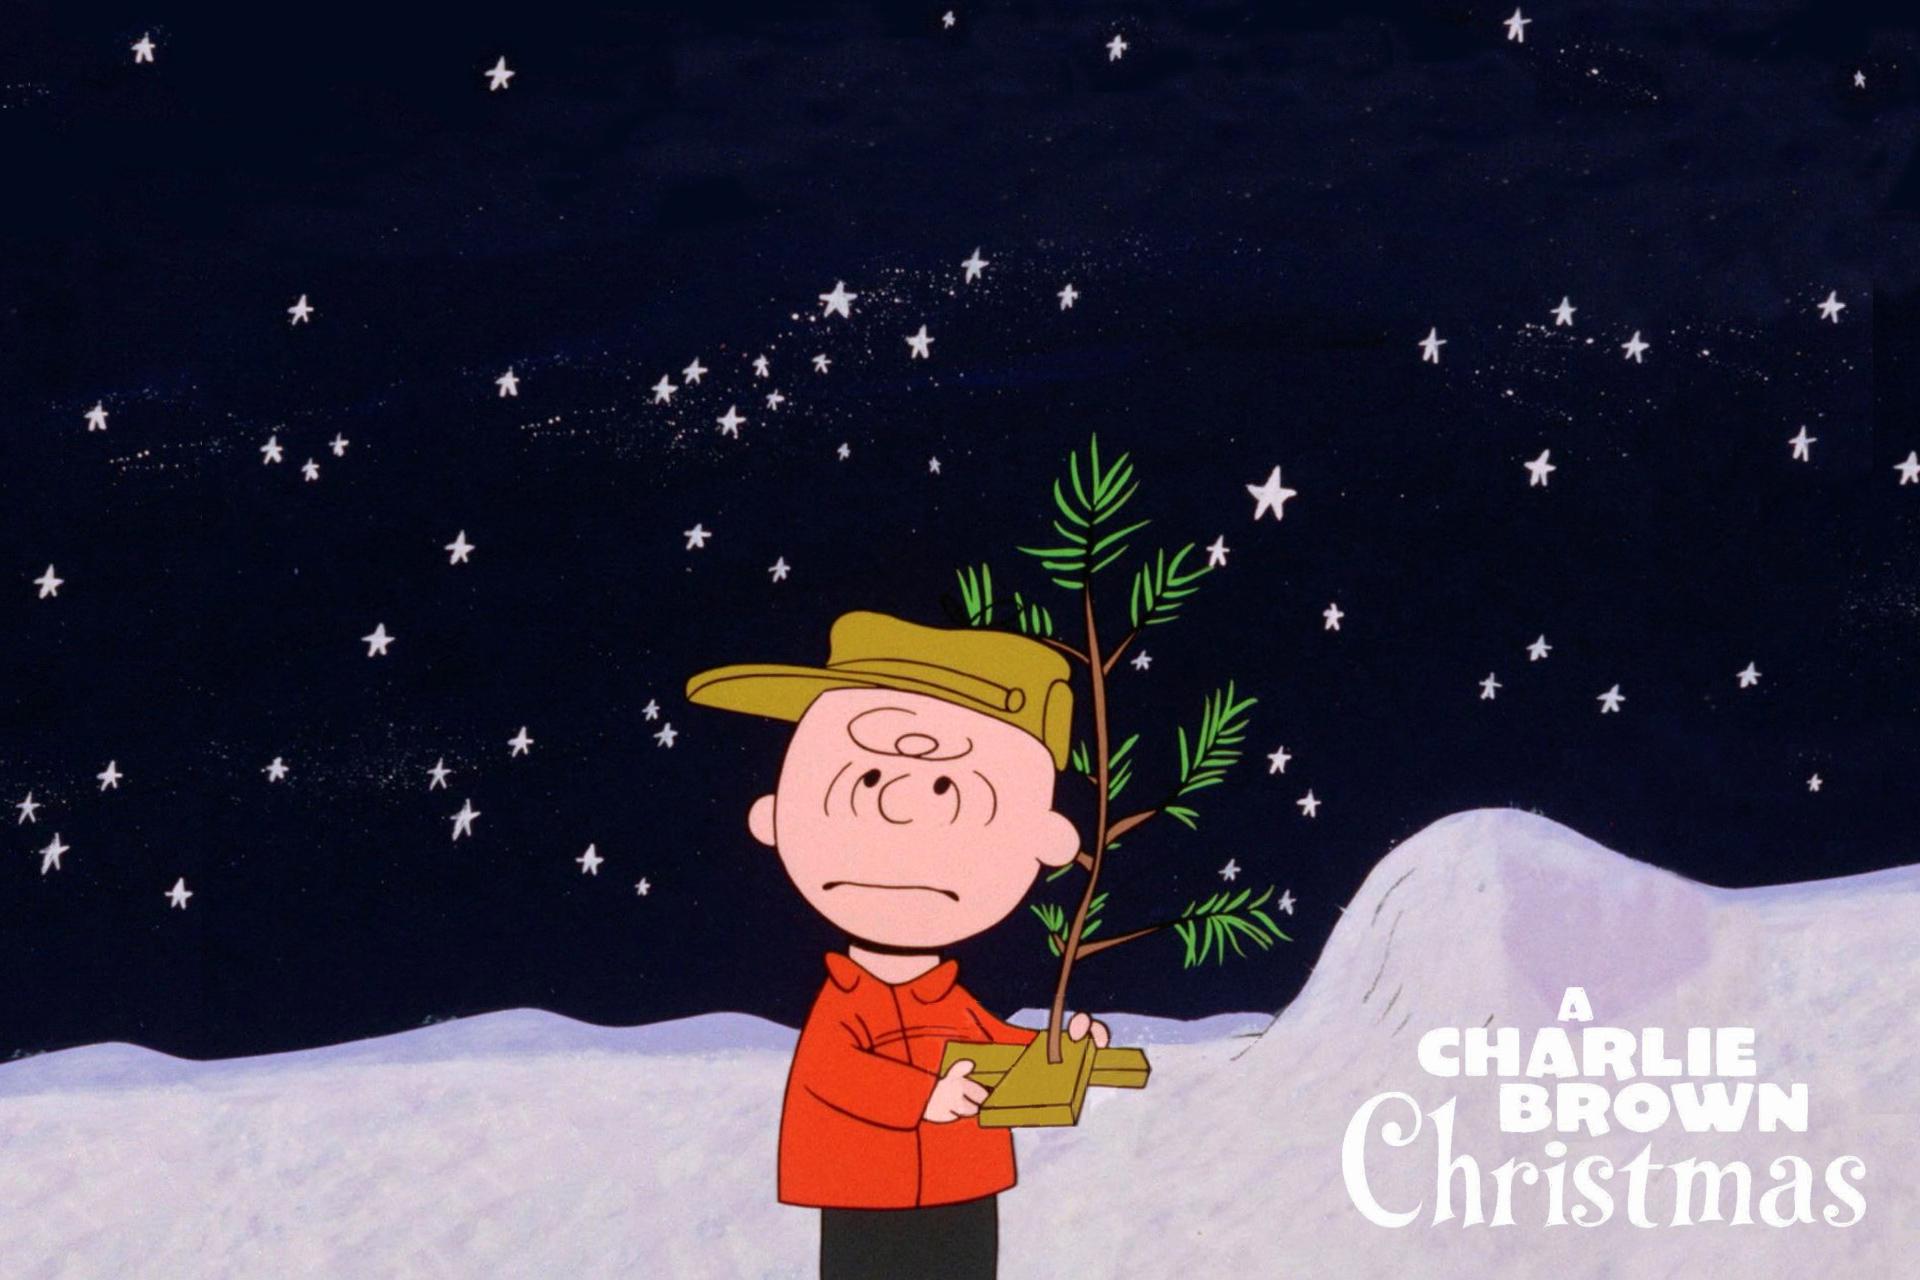 Free Peanuts Christmas Desktop Wallpaper - WallpaperSafari